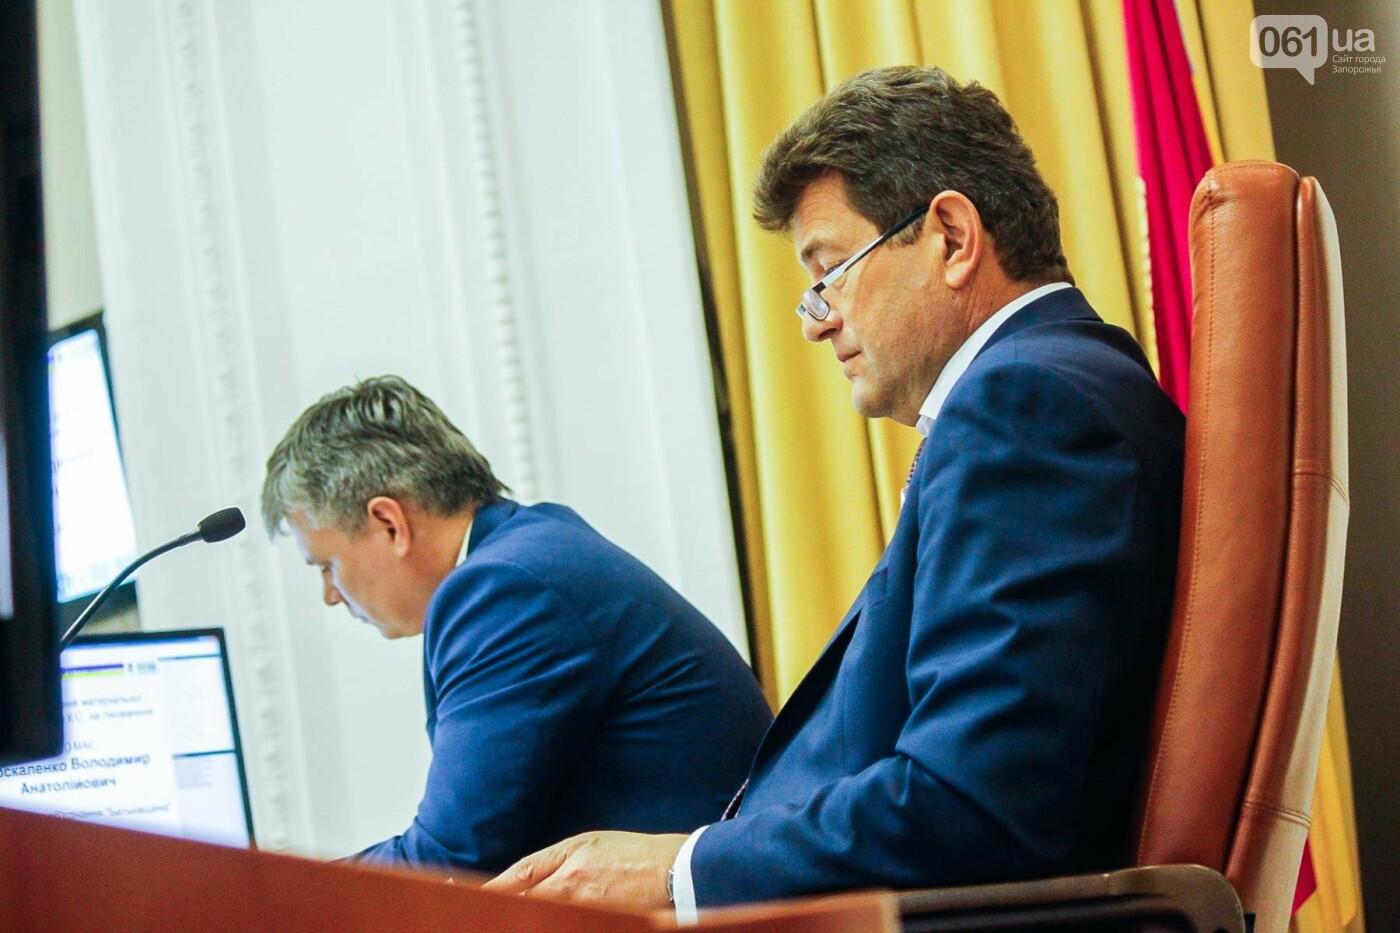 Сессия запорожского горсовета в лицах, - ФОТОРЕПОРТАЖ, фото-11